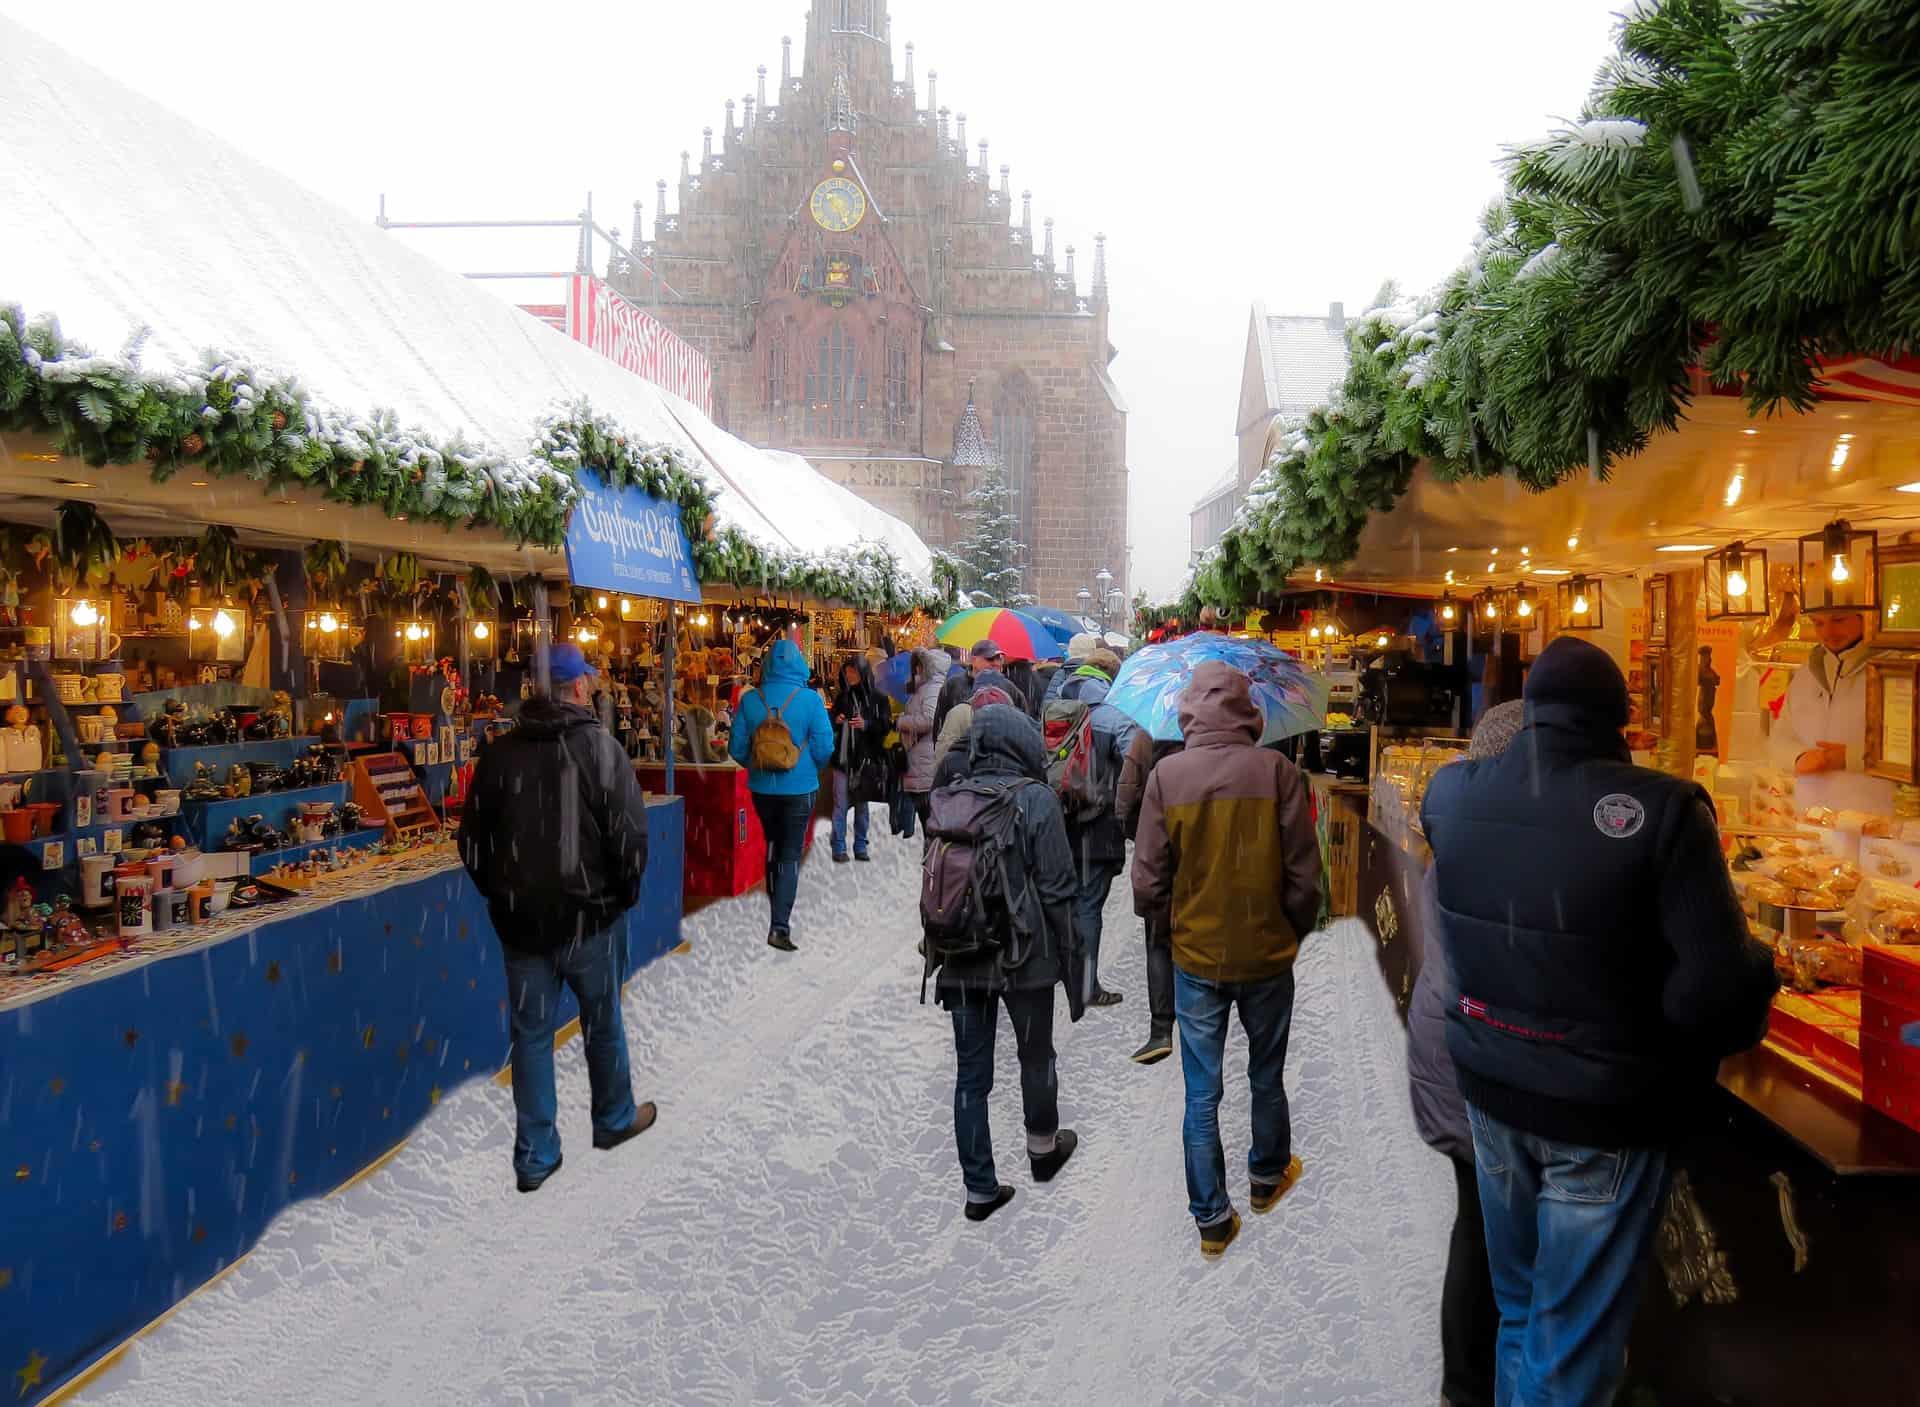 Städtereisen in Nürnberg zur Advenszeit auf dem Christkindlesmarkt